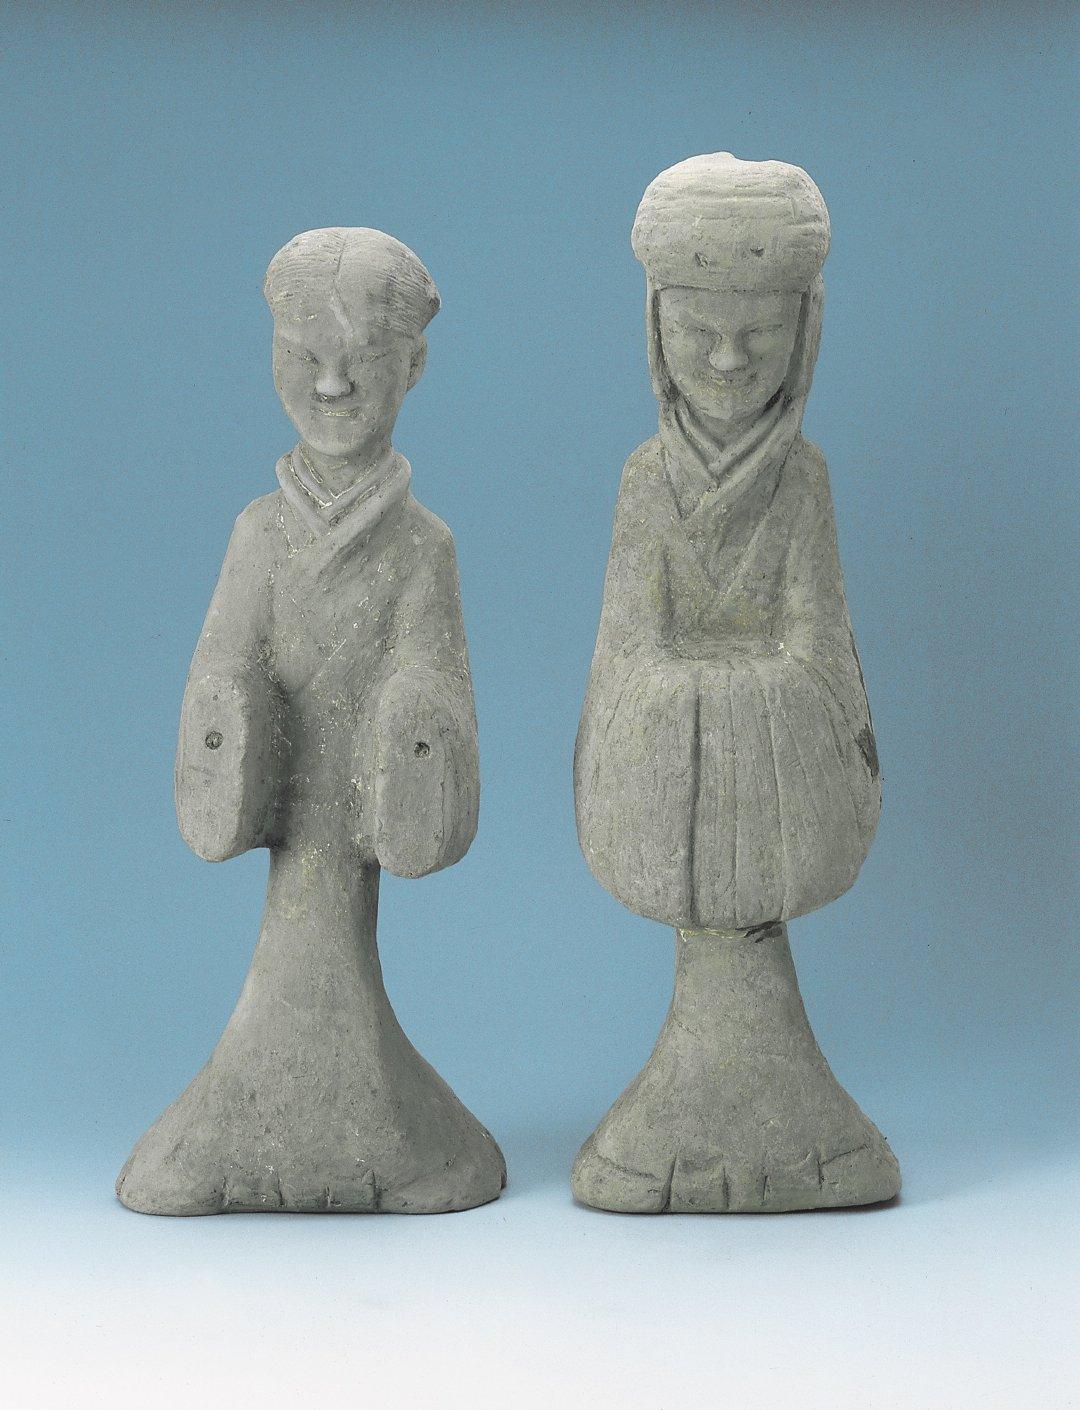 扬州博物馆馆藏精品欣赏